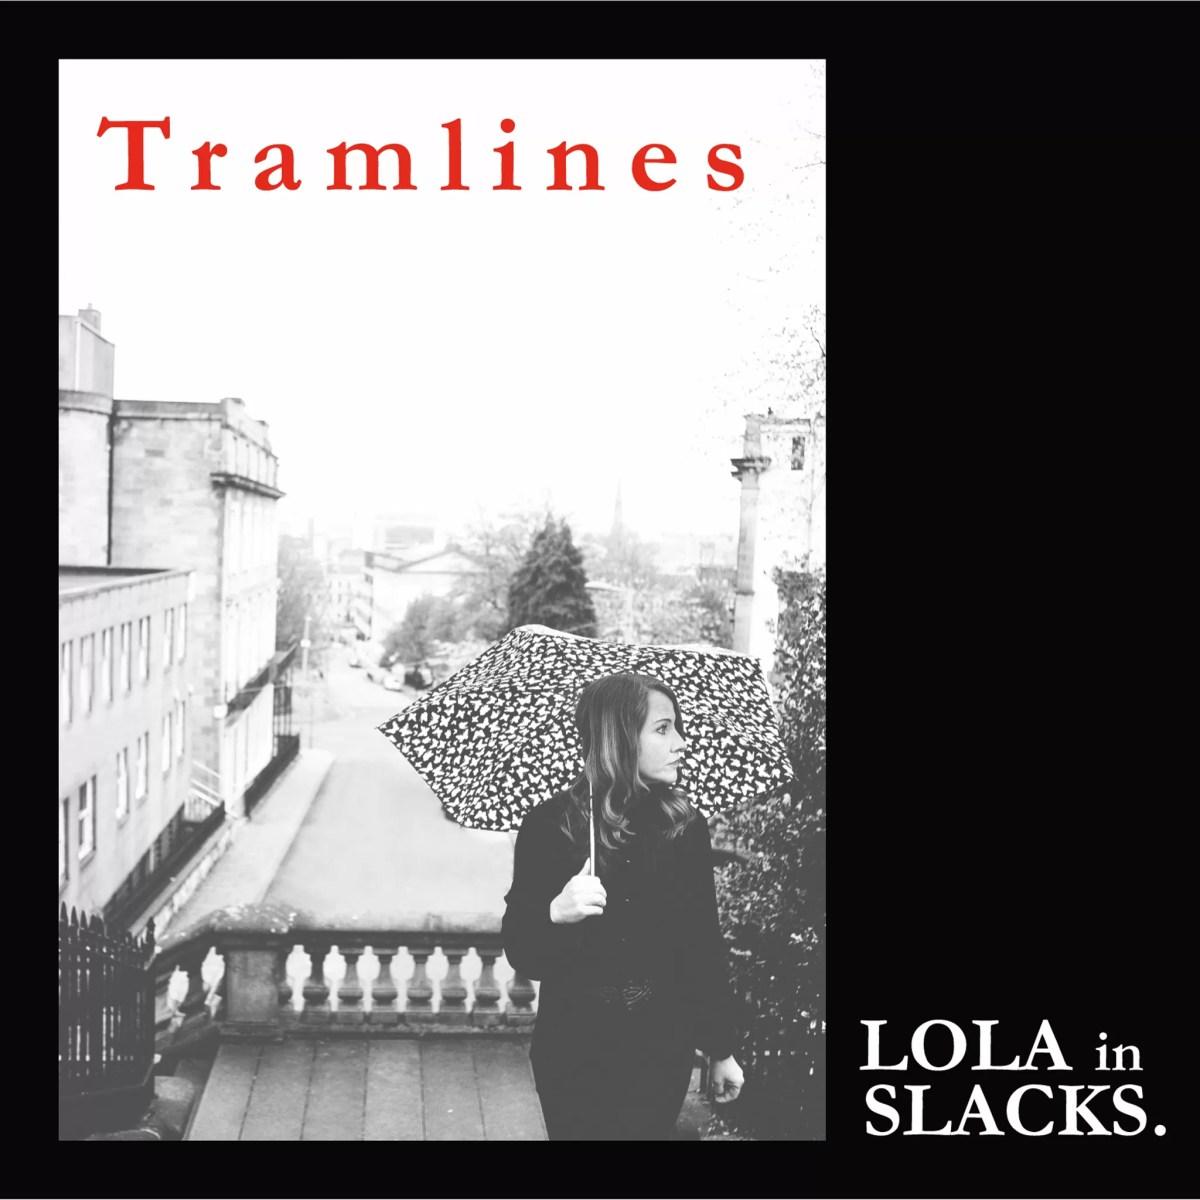 Lola in Slacks - Tramlines (Stereogram Recordings)